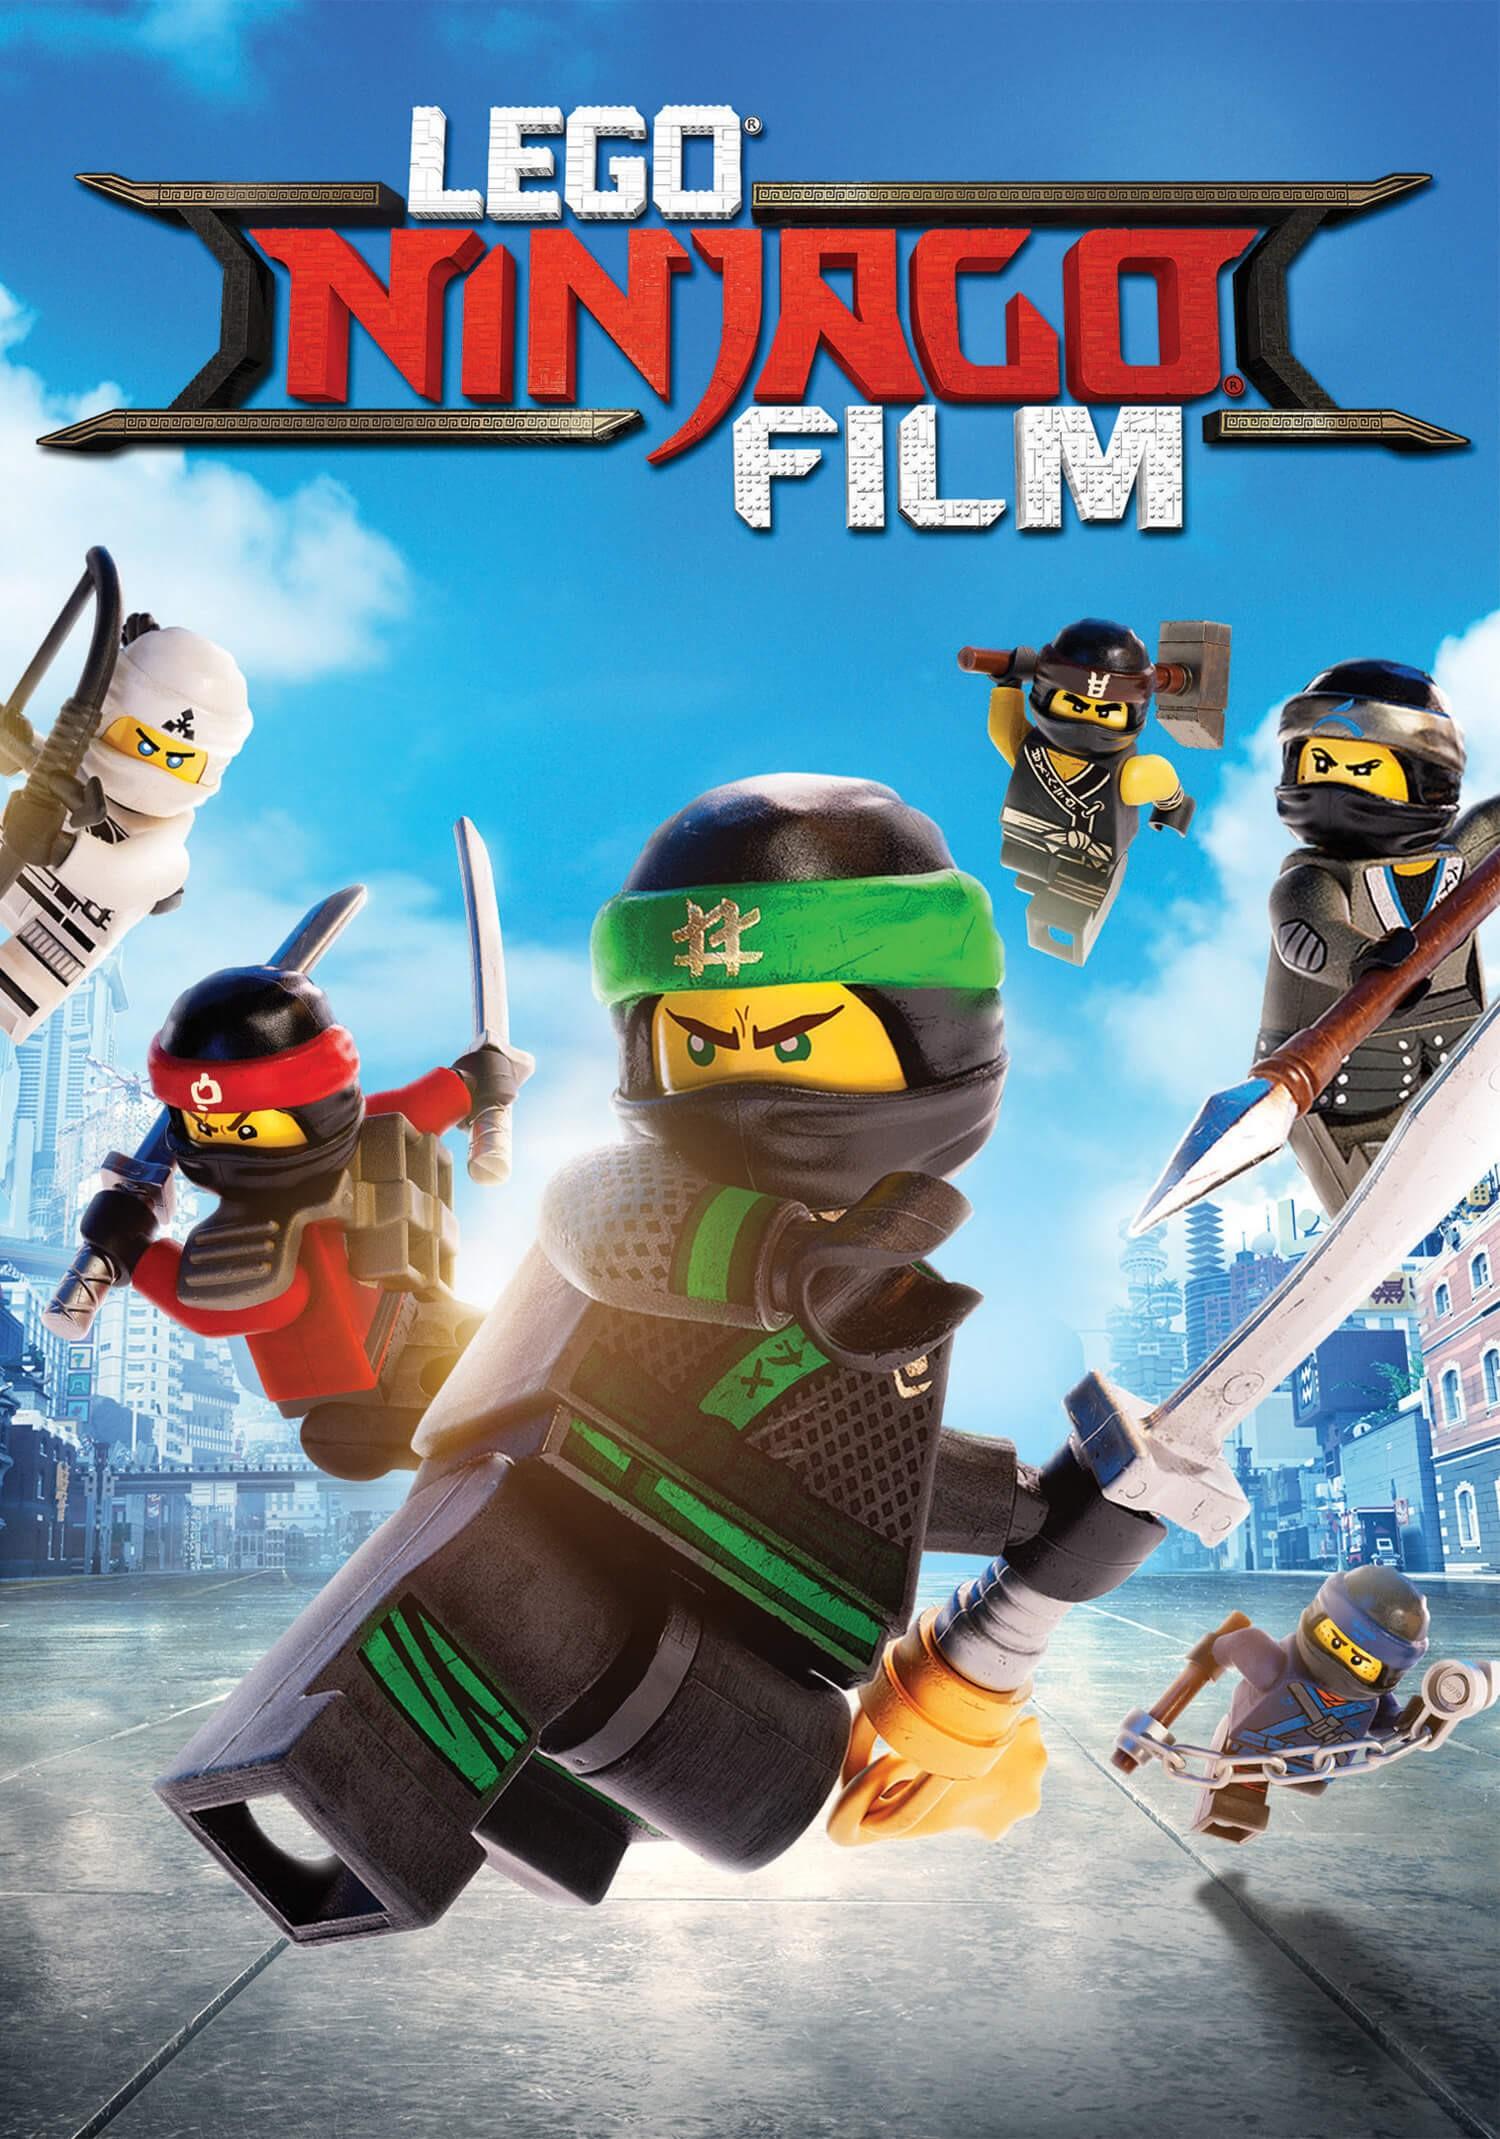 _pressroom_materialy_0_LegoNinjagoFilm_DVD_2D_NET_7321909348202(1).jpg